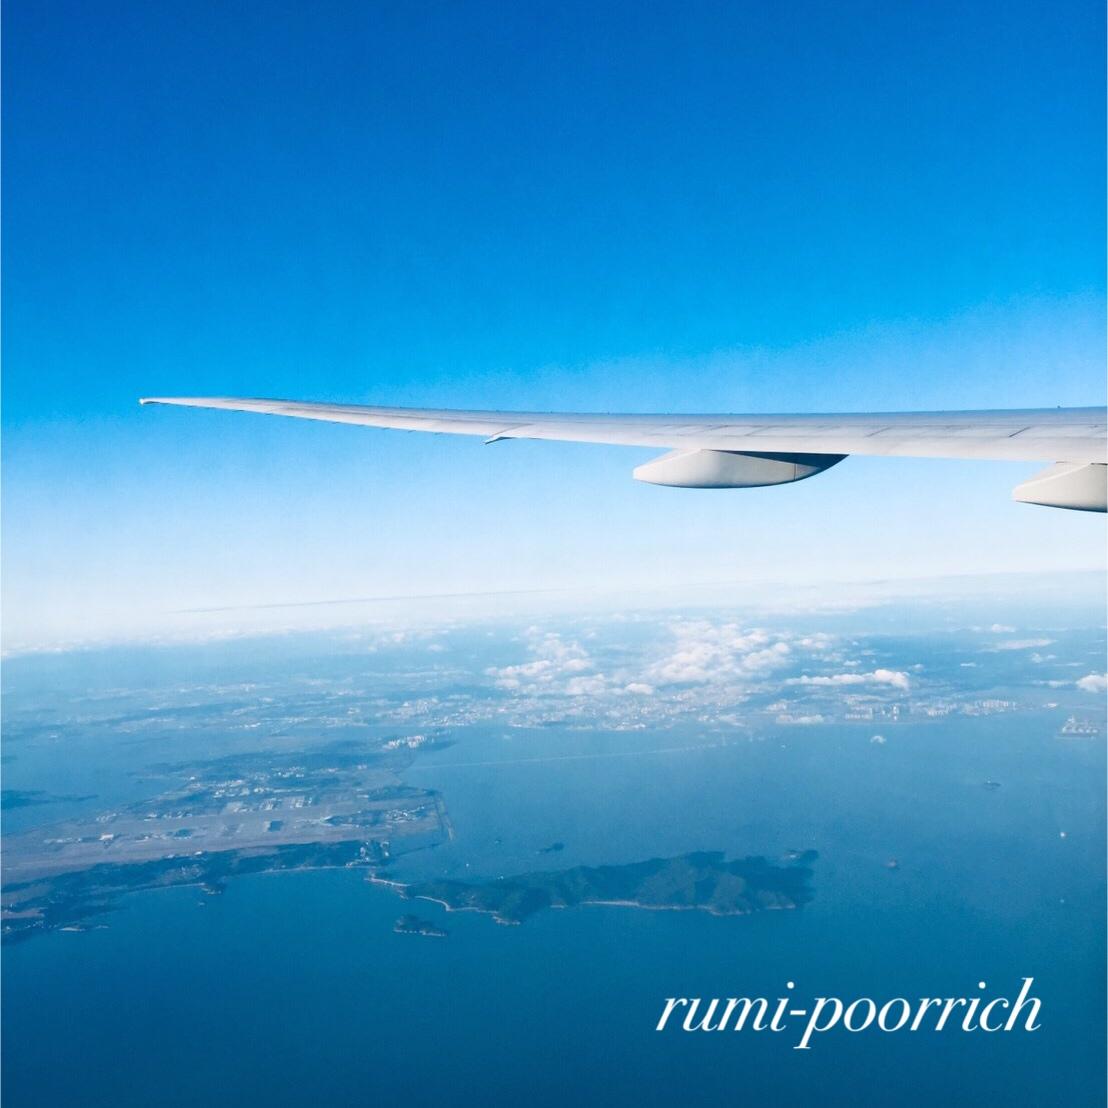 f:id:rumi-poorrich:20210710120533j:plain